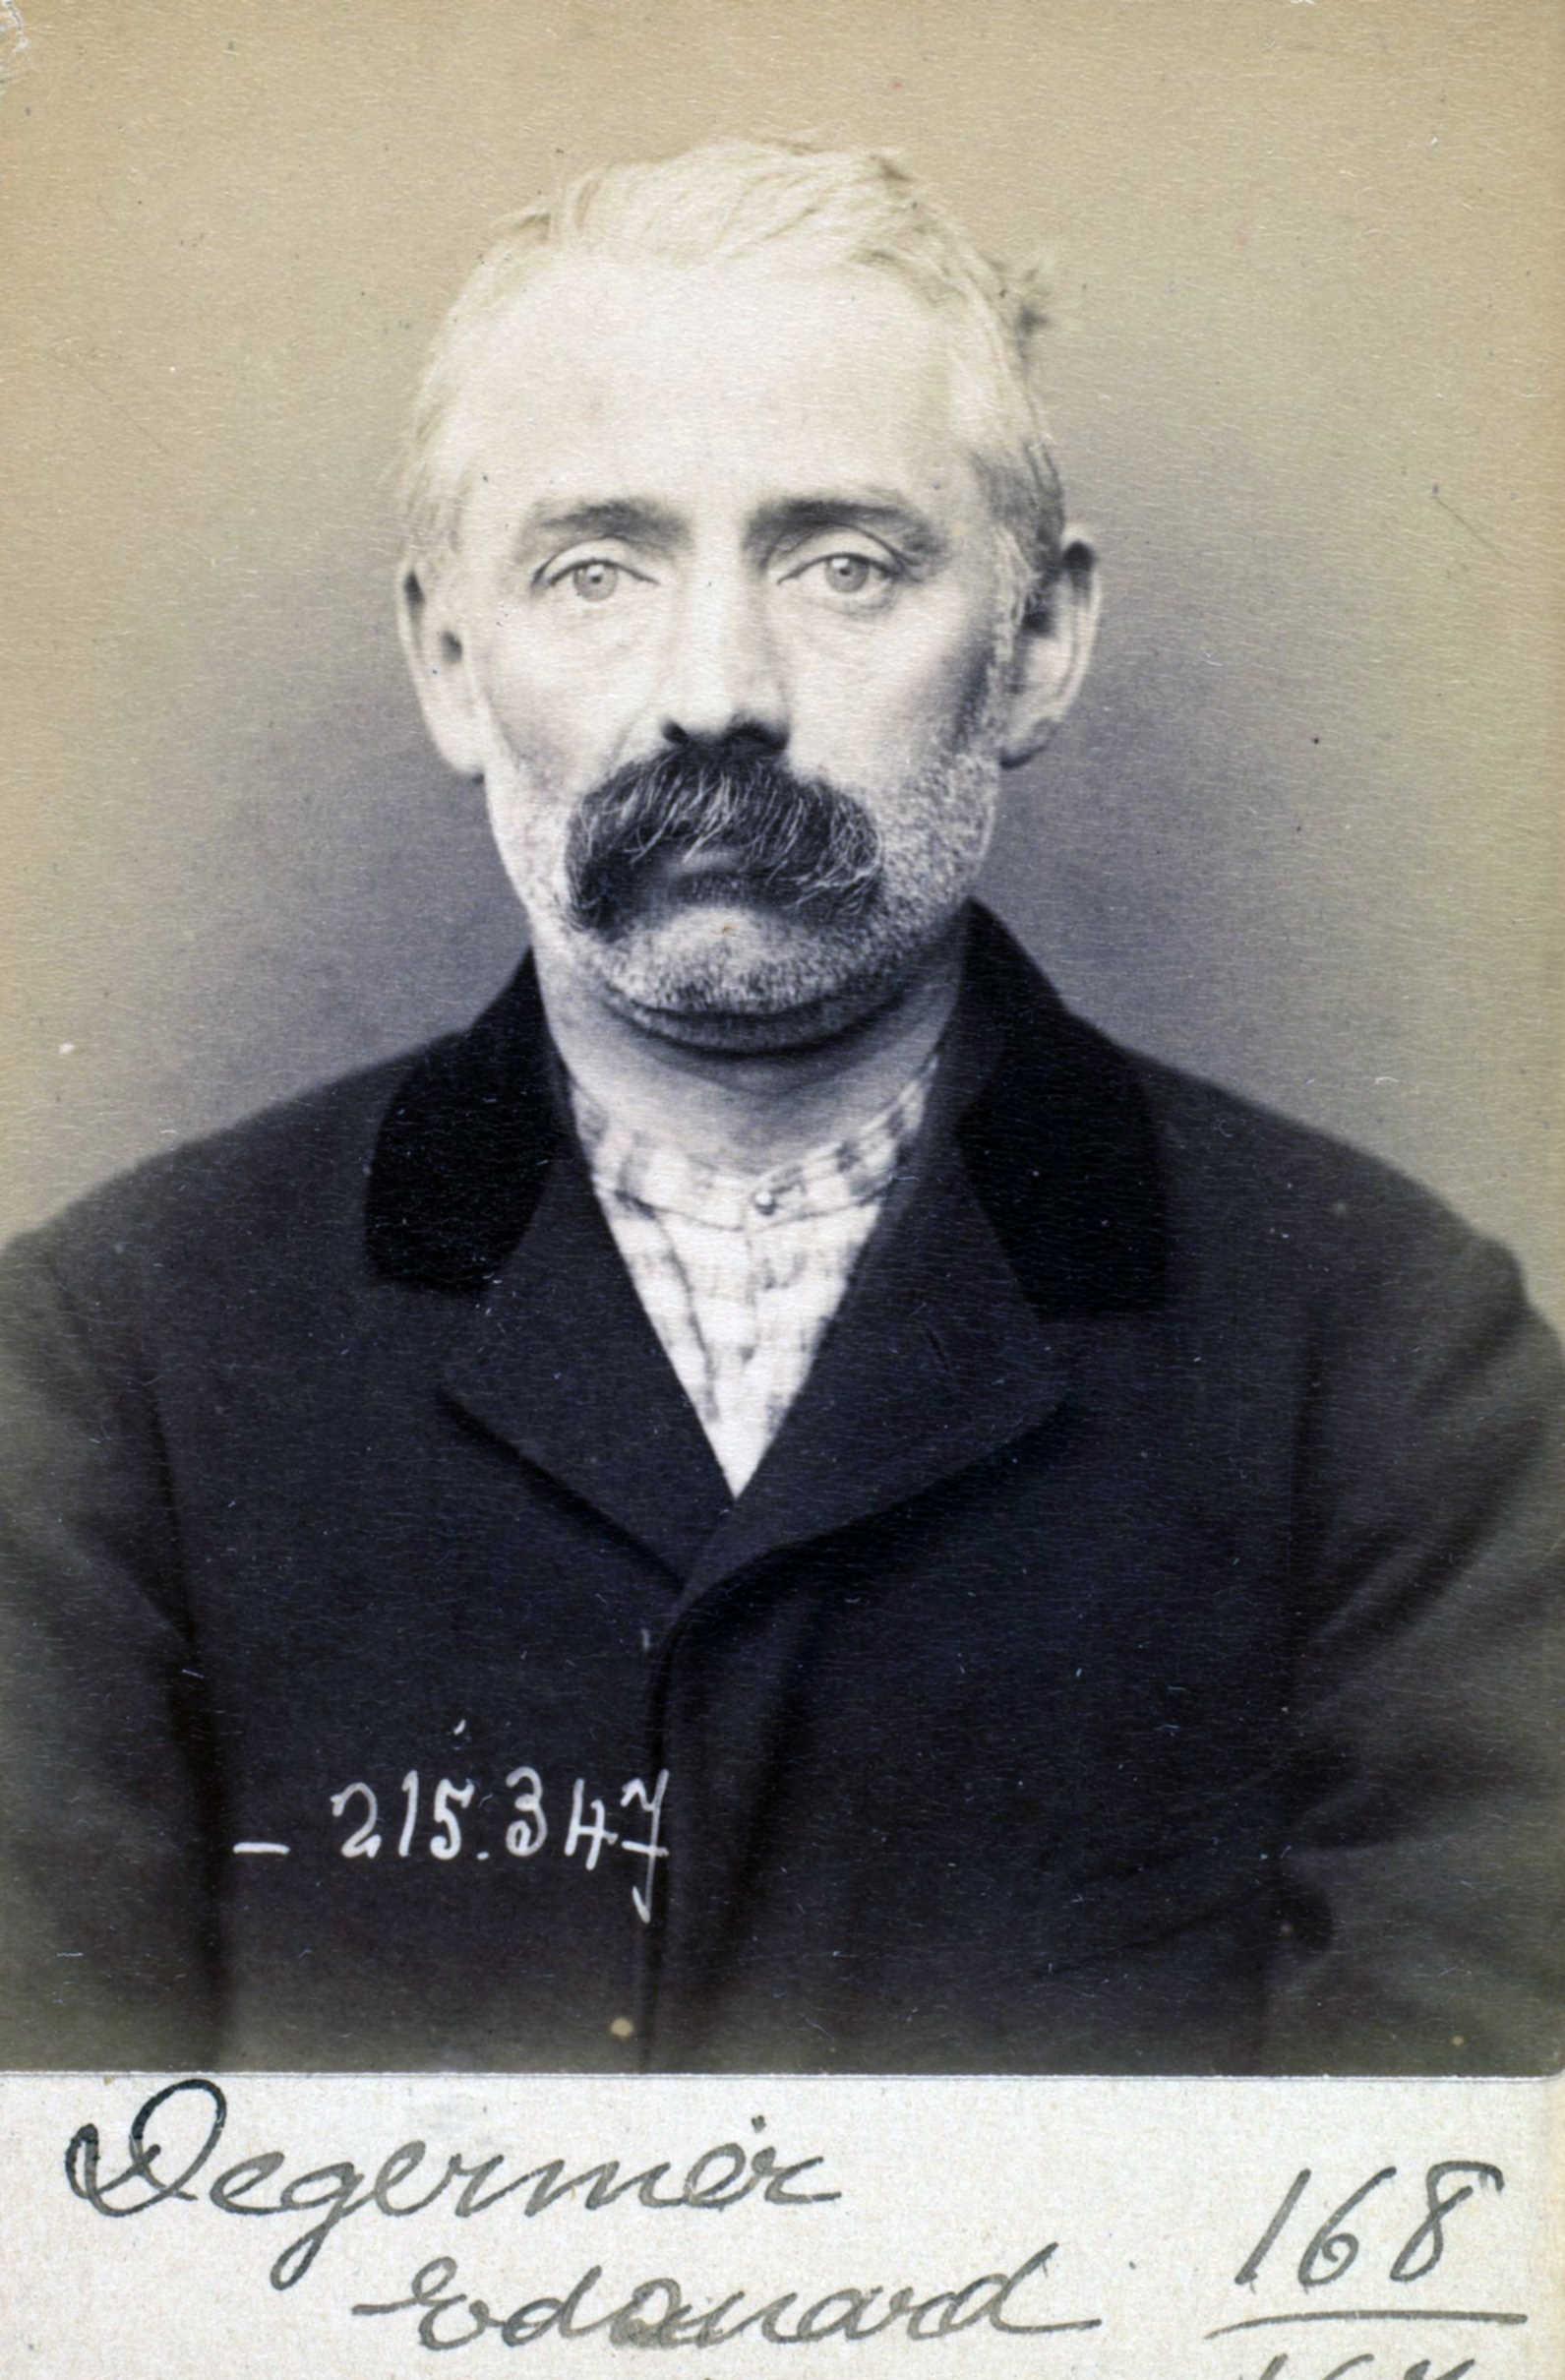 Foto policíaca d'Édouard Degernier (8 de març de 1894)